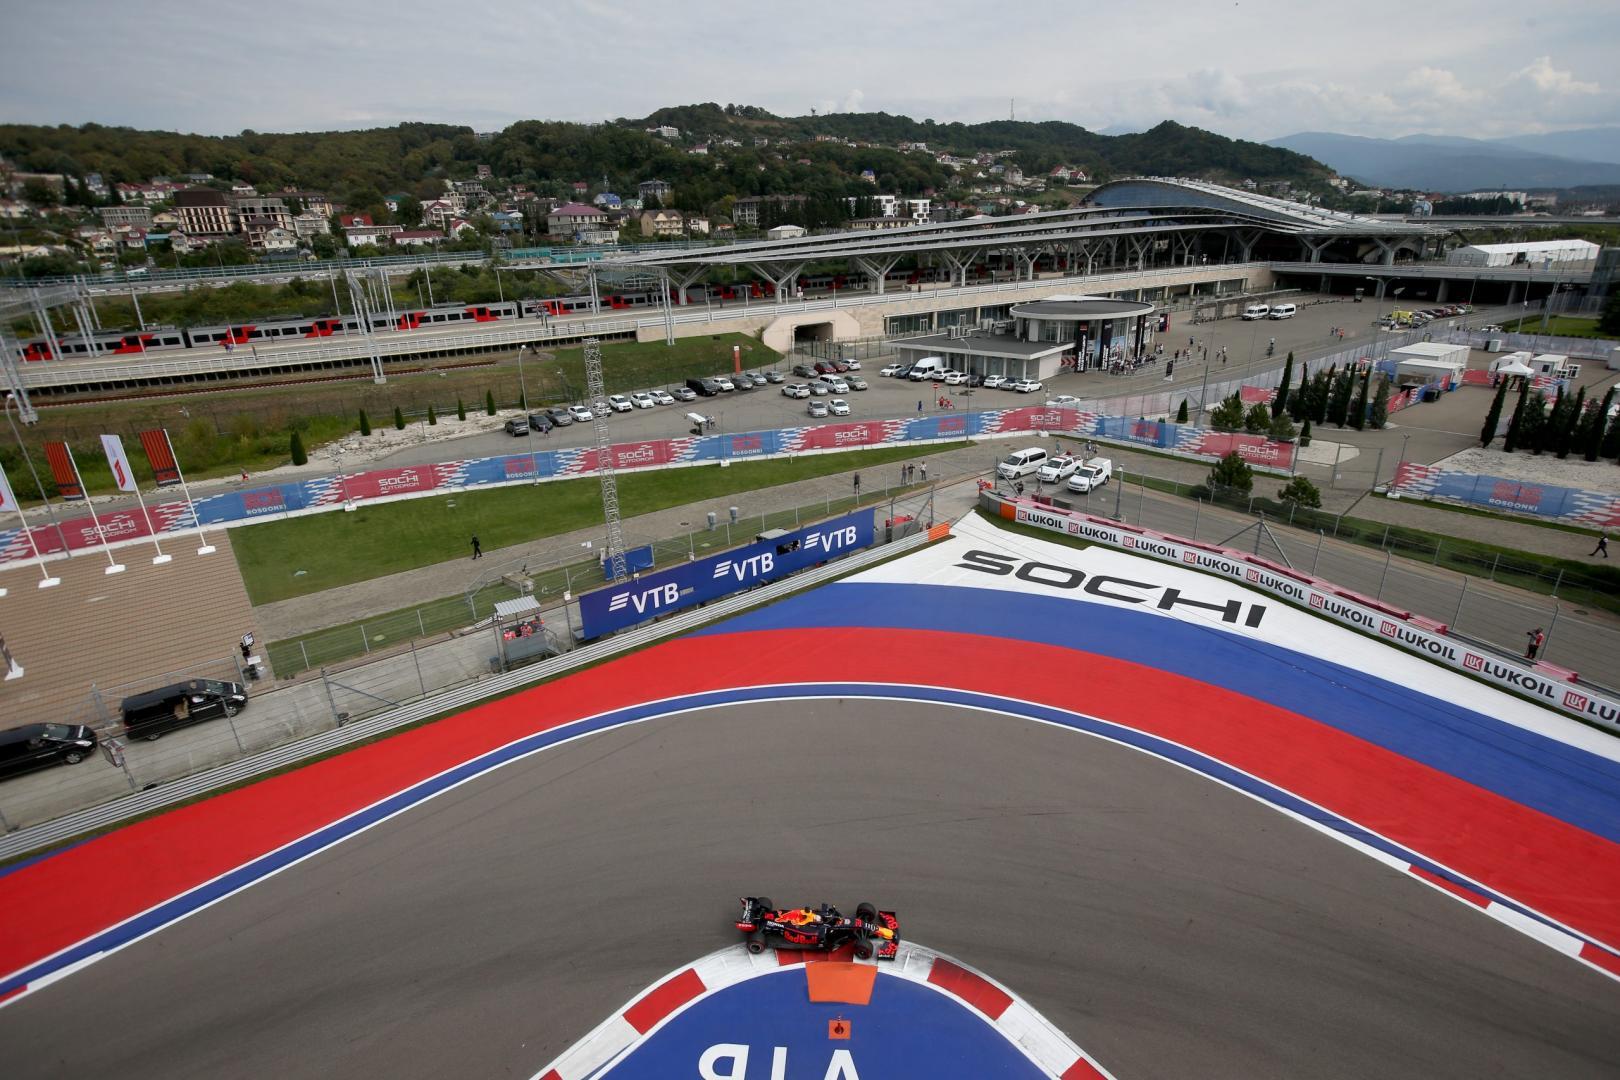 Max Verstappen Sochi GP van Rusland